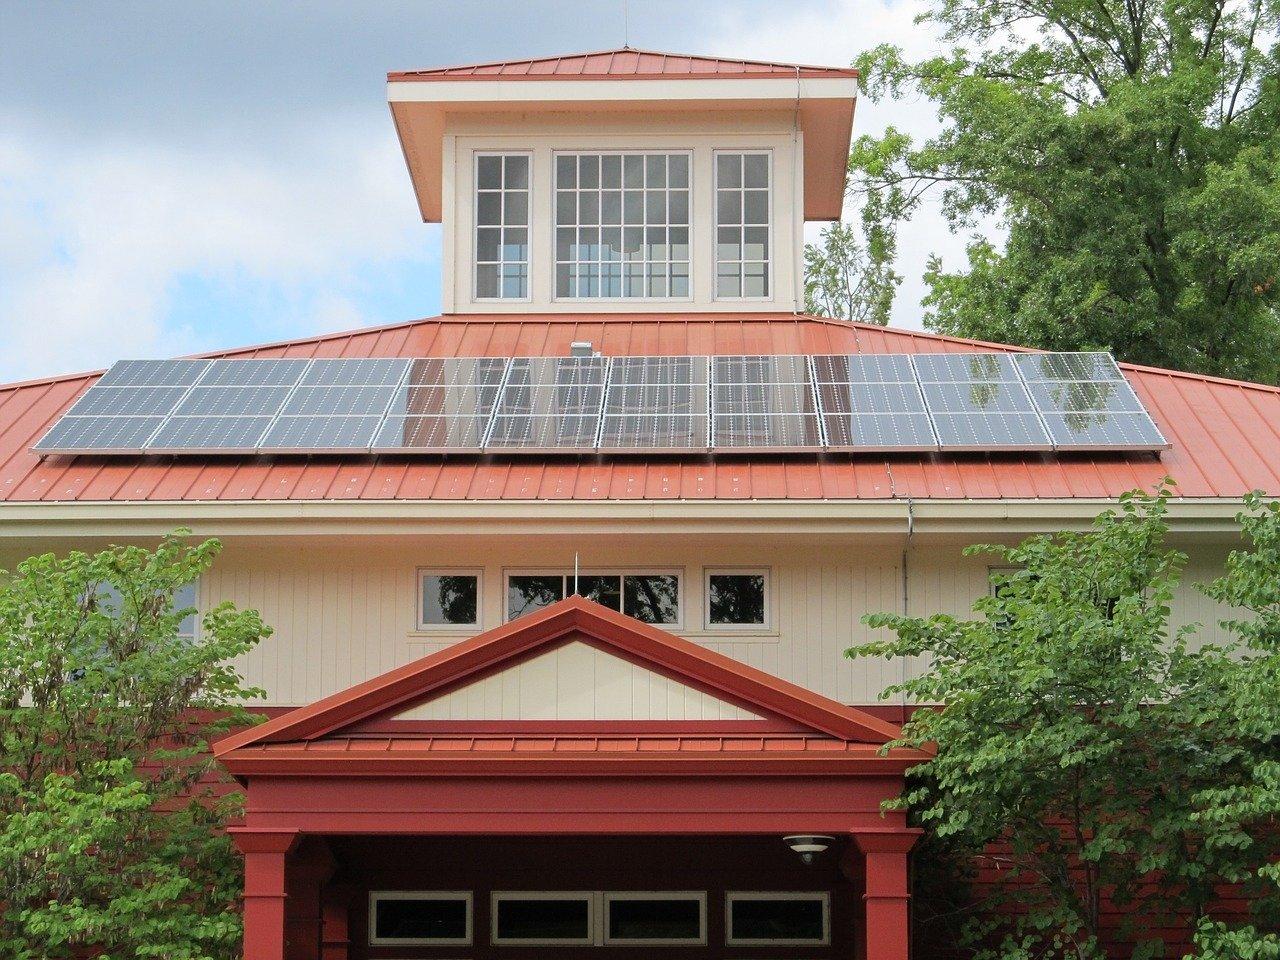 Venta de paneles solares para alimentación sustentable de residencias en México